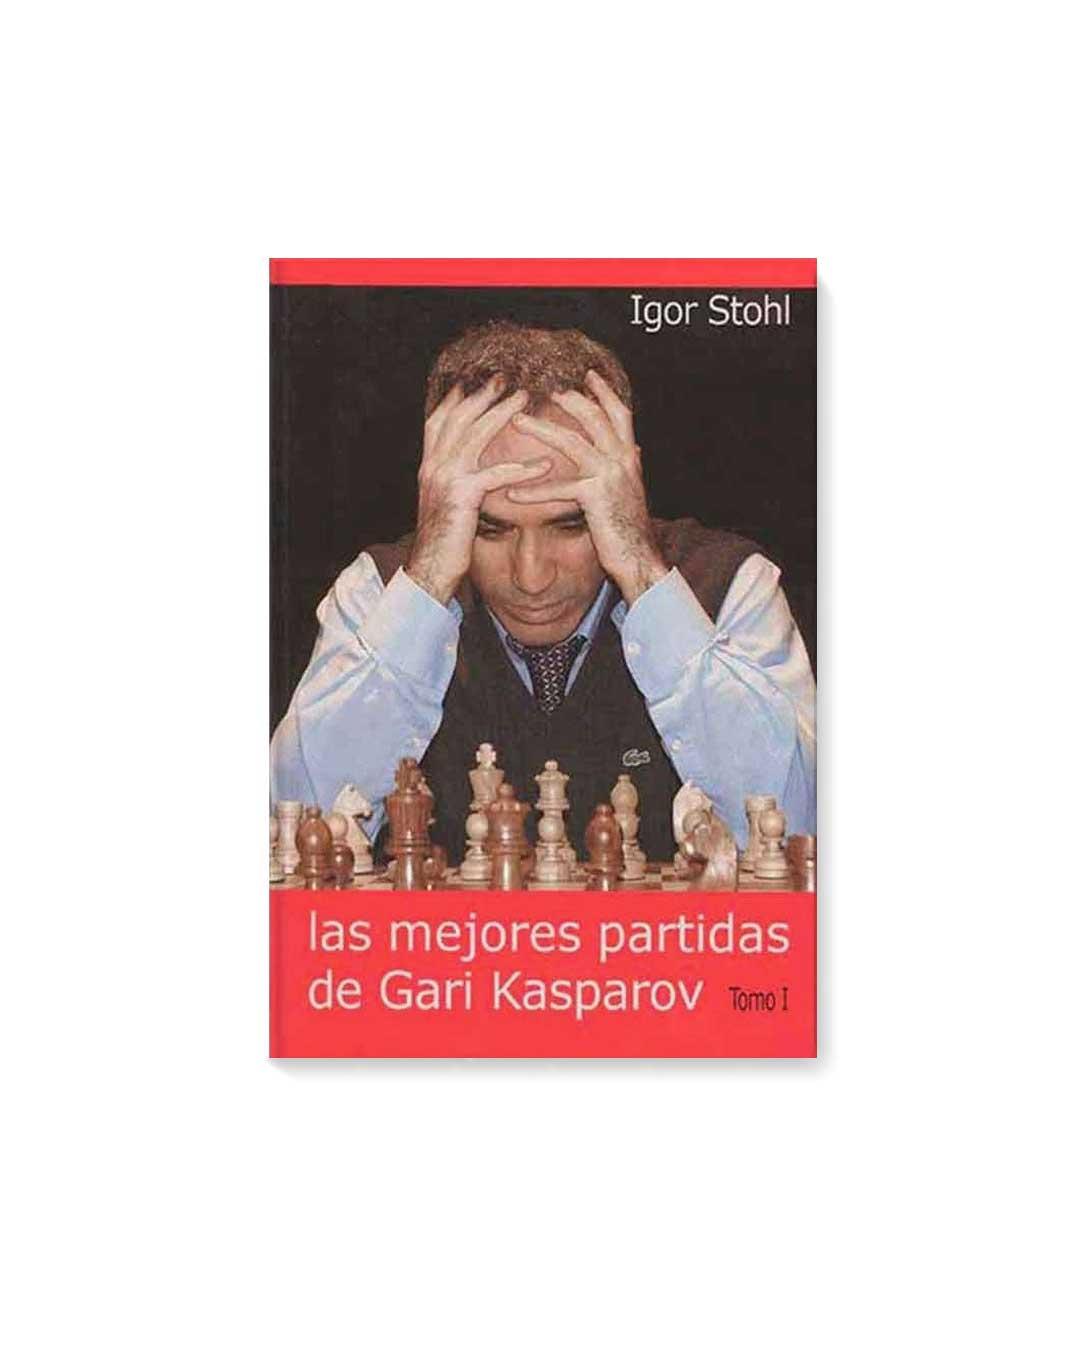 Las mejores partidas de Gary Kasparov parte 1 - Stohl